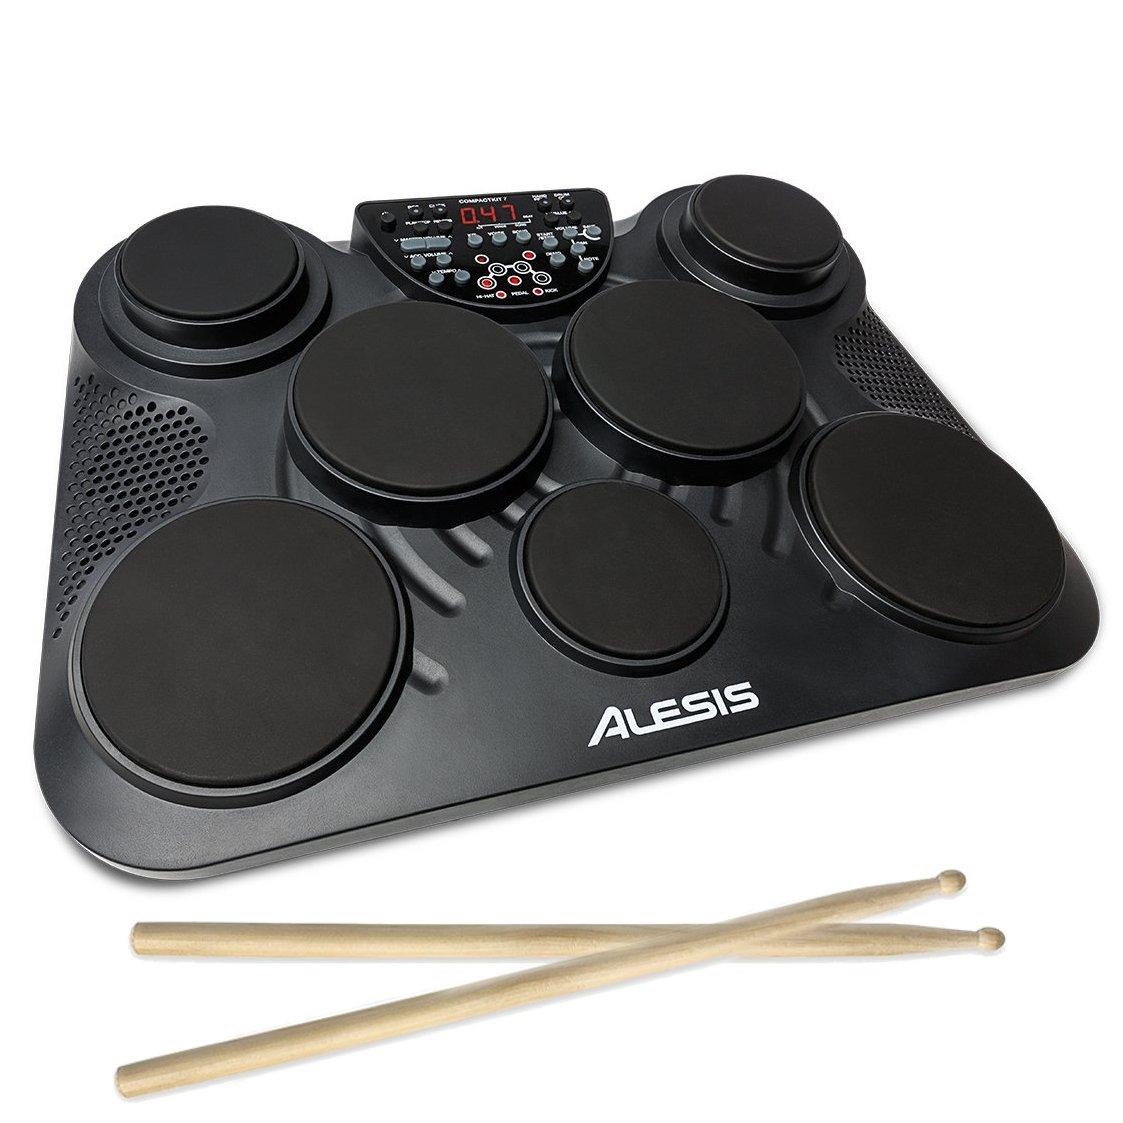 Alesis Compact Kit Batería electrónica de mesa con pads sensibles a la